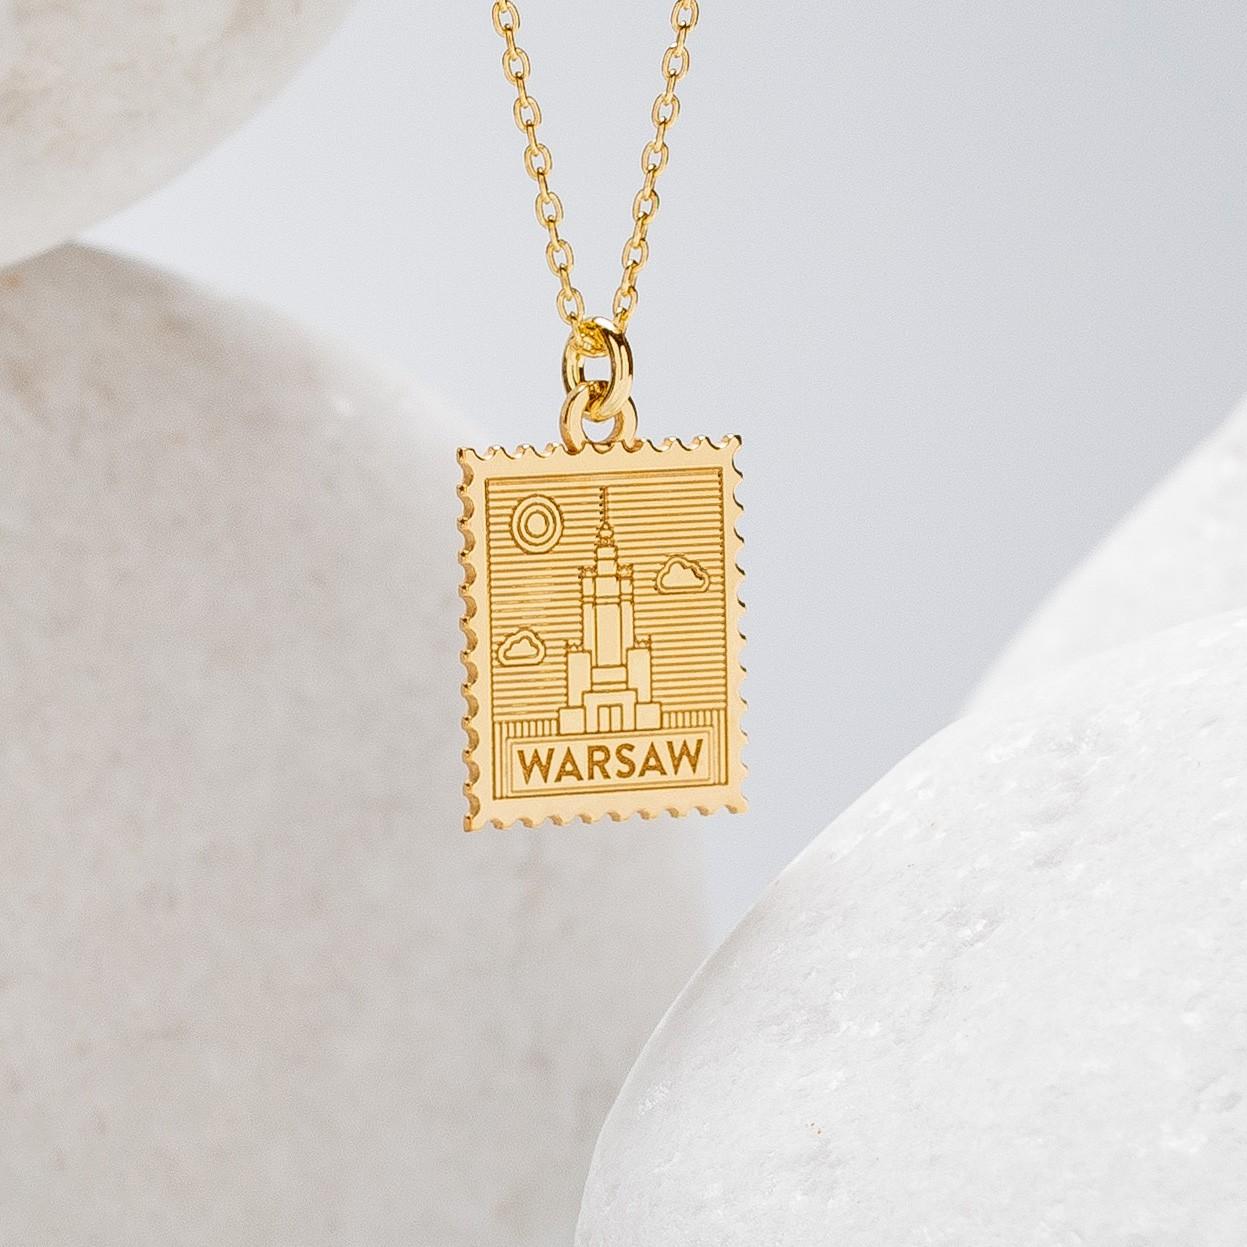 Srebrny naszyjnik znaczek pocztowy z Warszawy, srebro 925